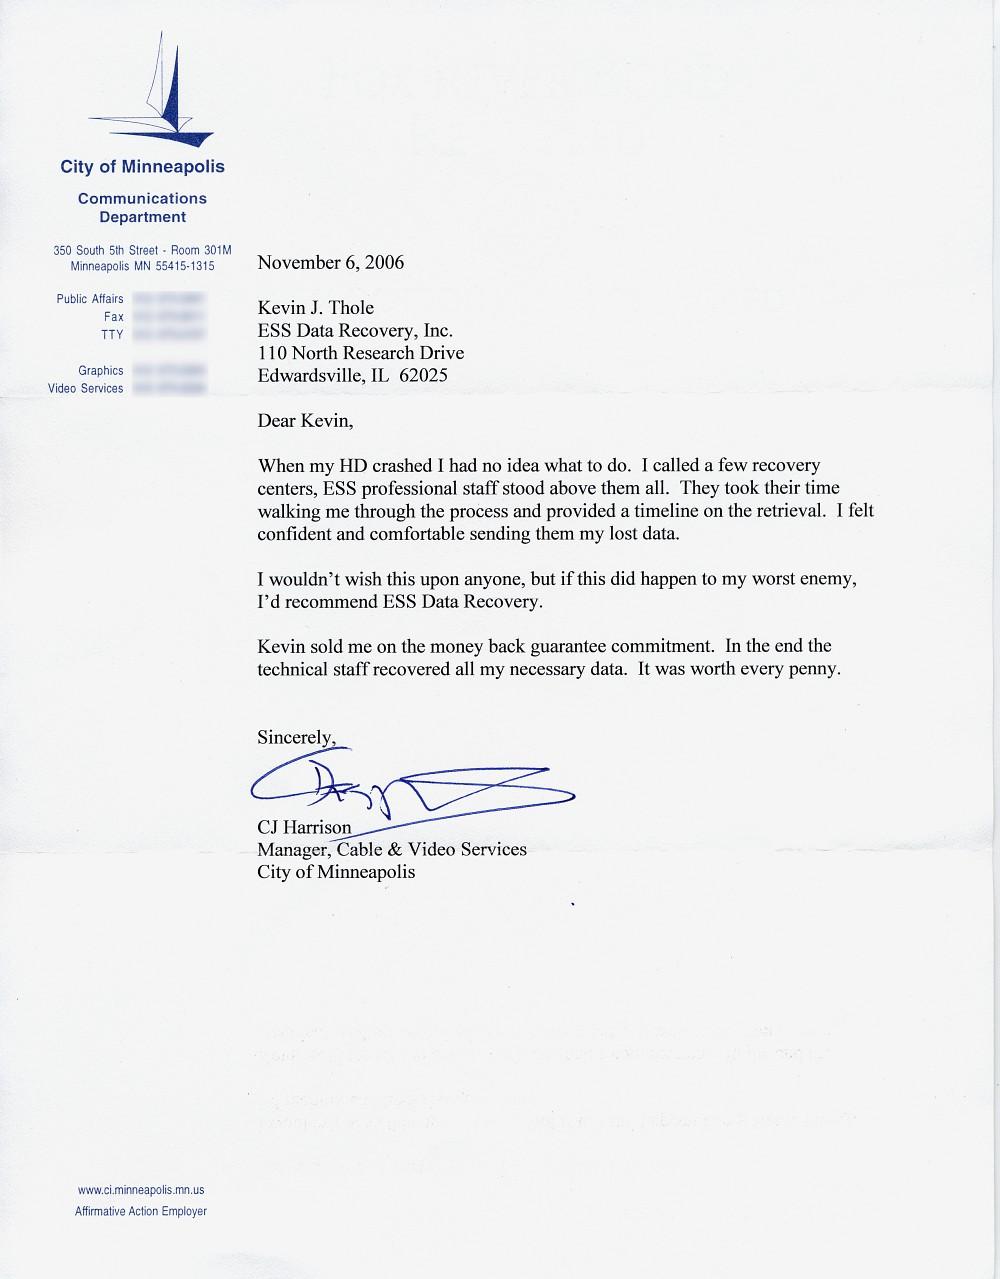 City of Minneapolis testimonial letter